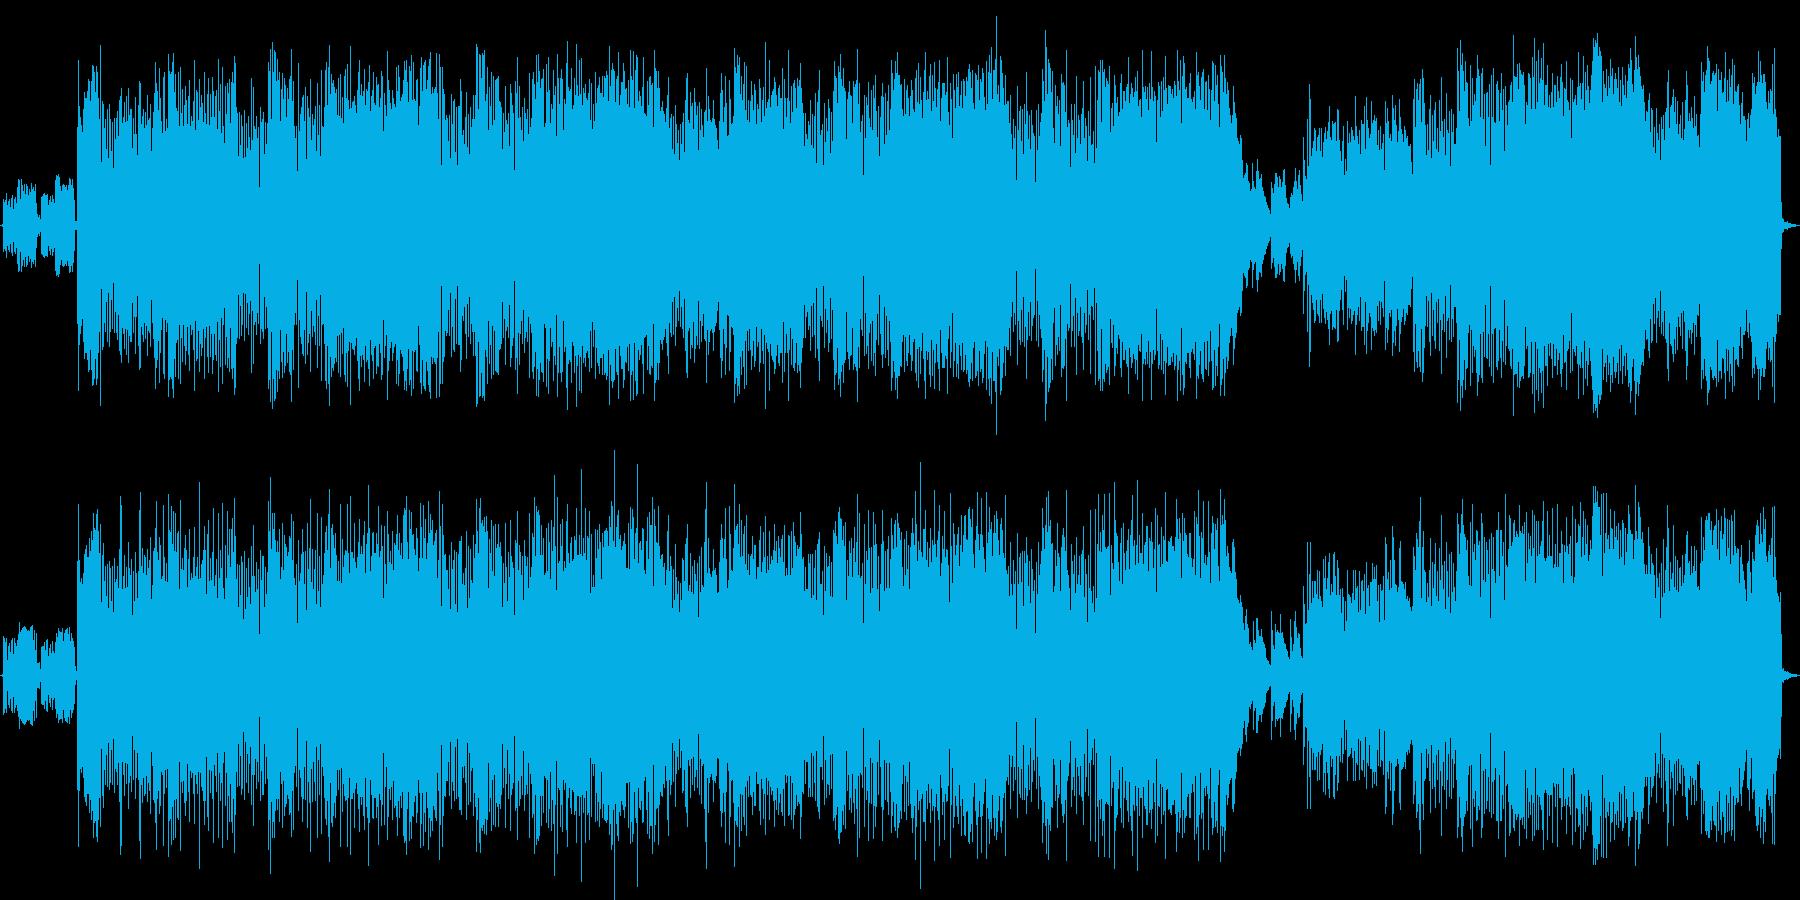 女声ボーカル 日本語 パンク風 ロックの再生済みの波形